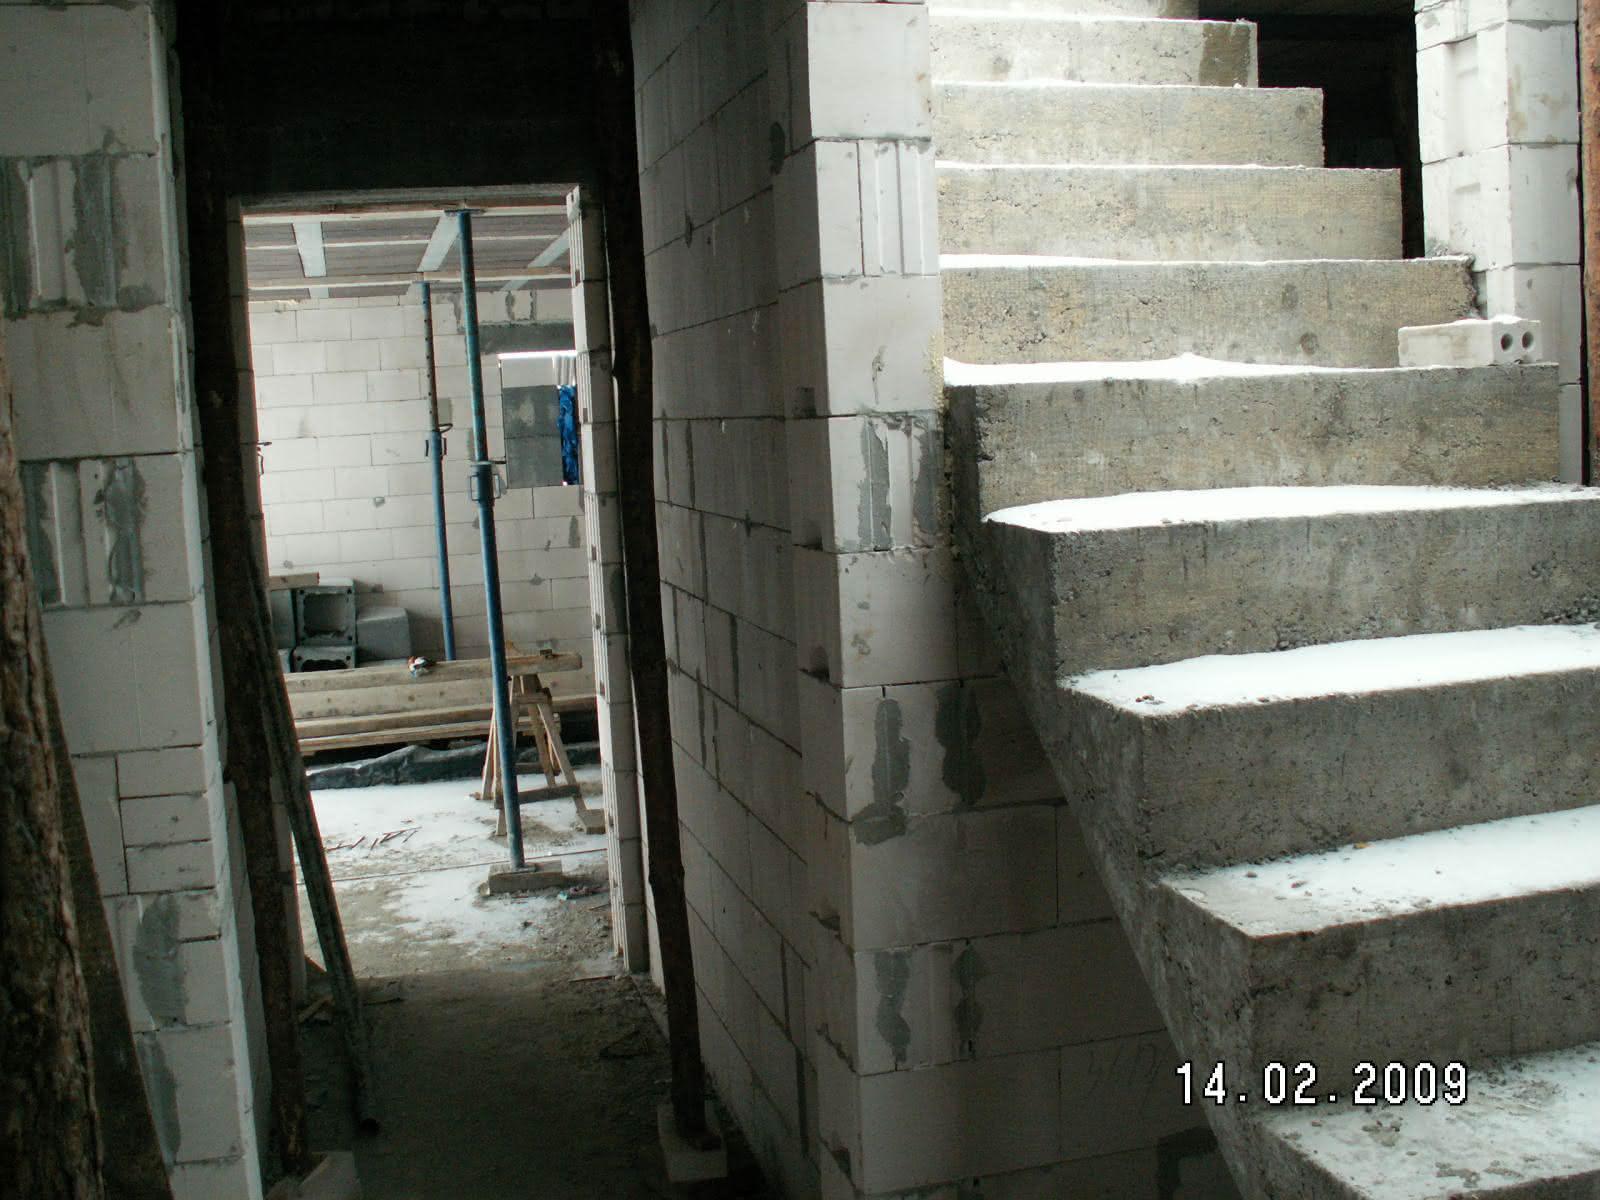 schody po wylaniu (widok z holu)